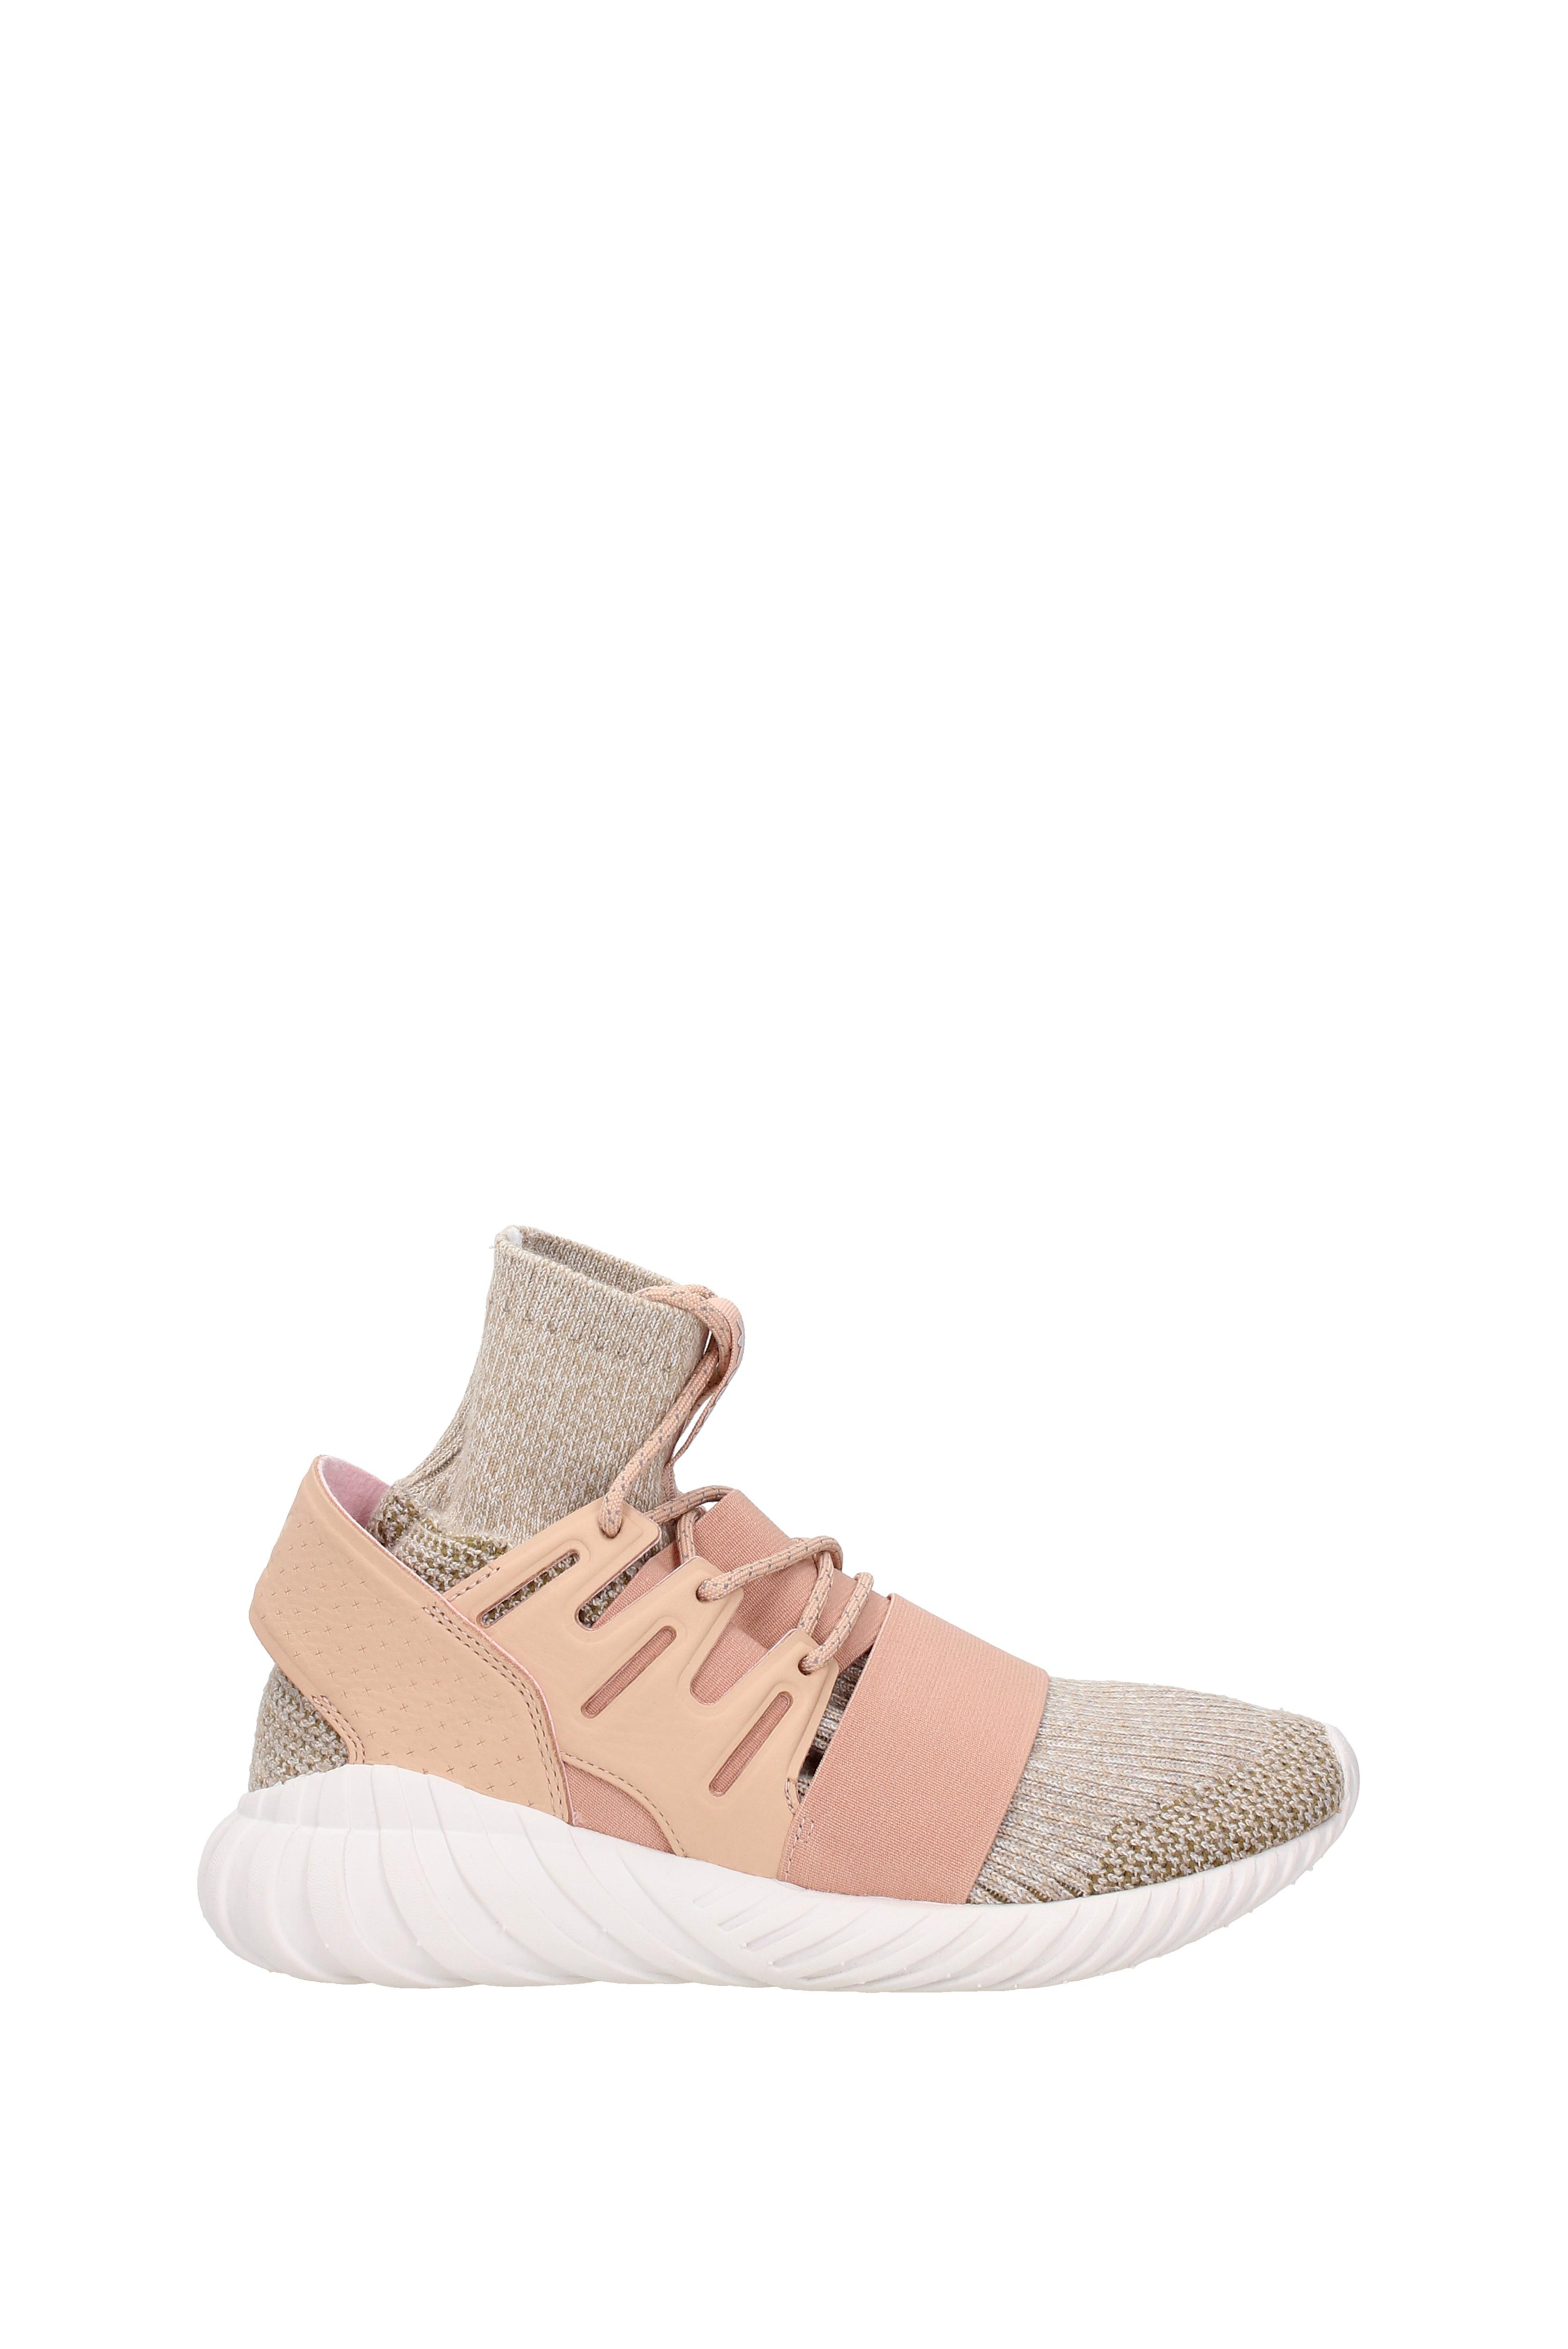 Sneakers-Adidas-tubular-doom-pk-Herren-Stoff-DOOMPKTUBULARBB239